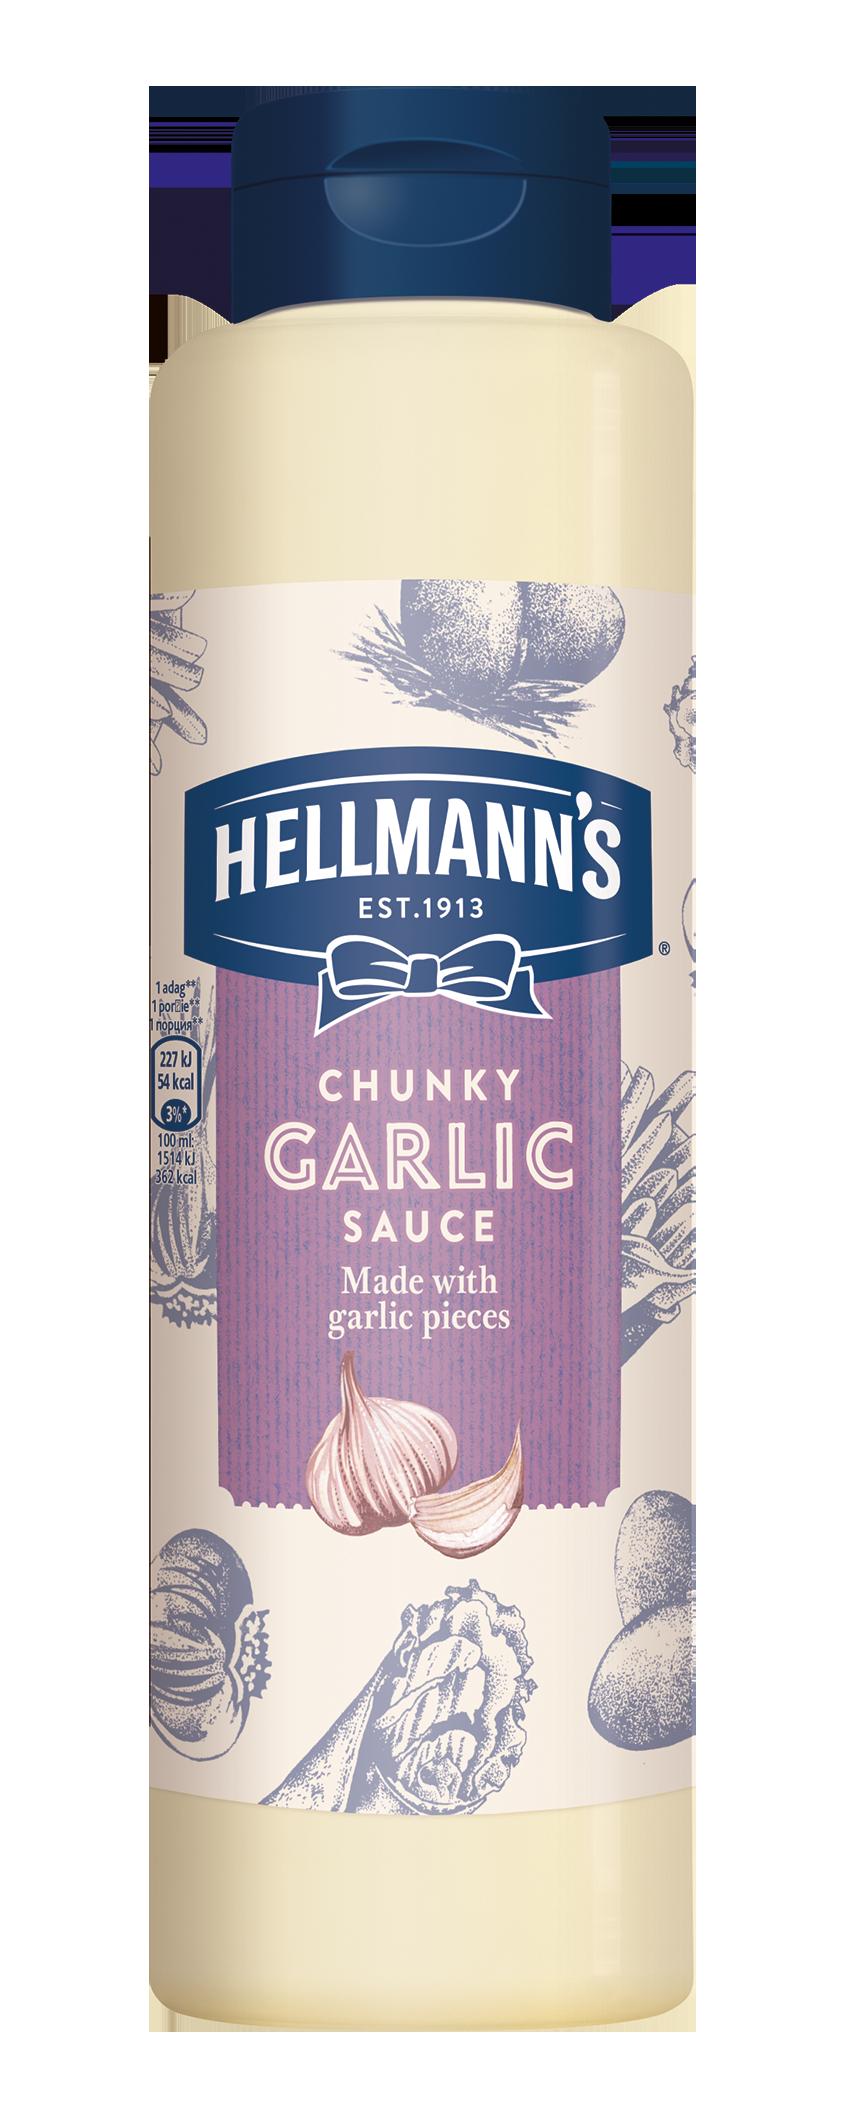 HELLMANN'S Fokhagymás szósz 850ml -  Minőségi márkájú termék felszolgálása pozitív benyomást kelt a vendégekben.